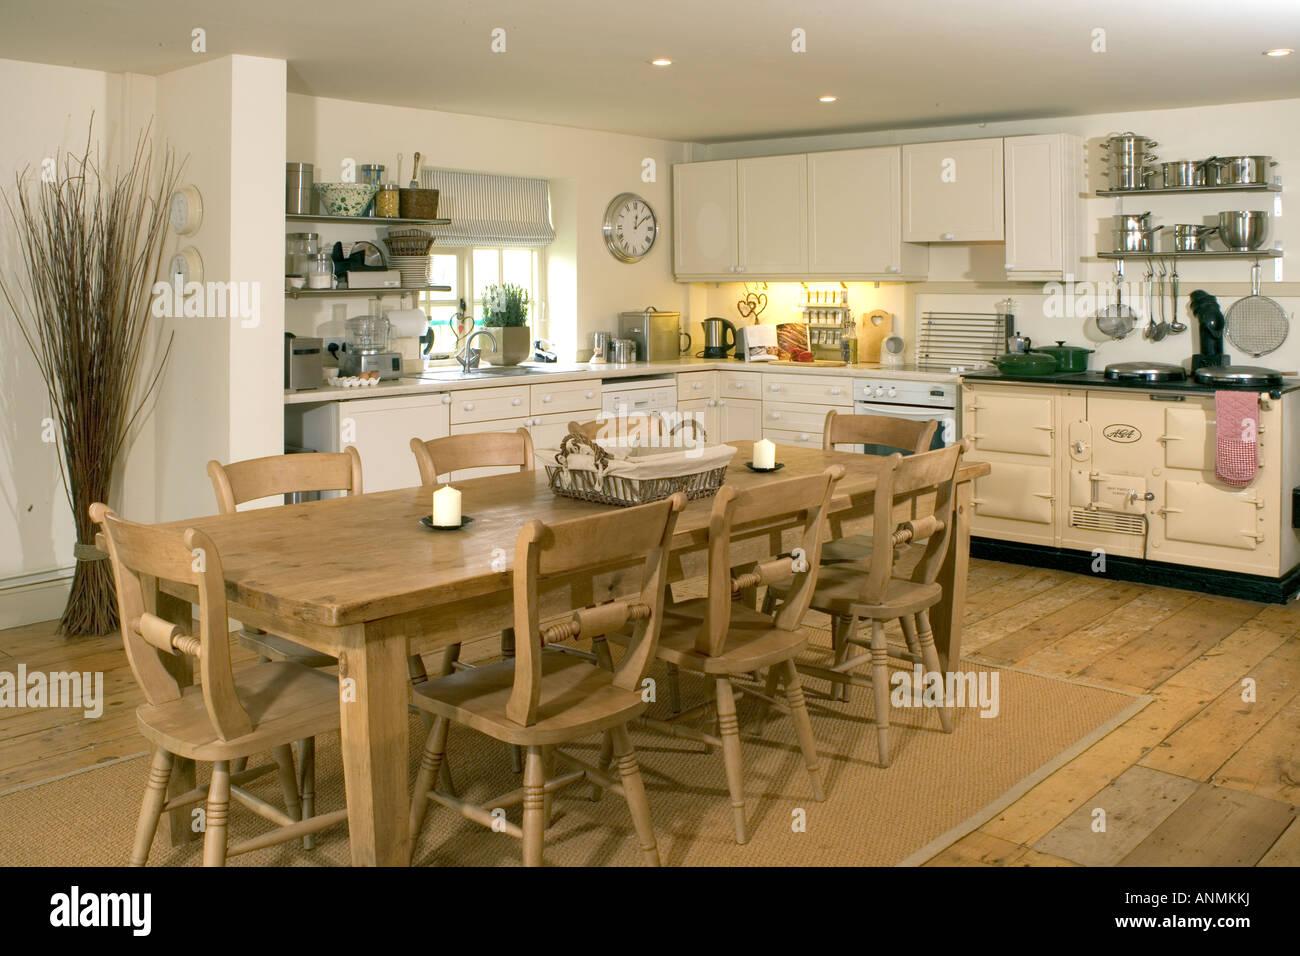 UK. Ein Haus im traditionellen Stil Innenausstattung, große Küche ...